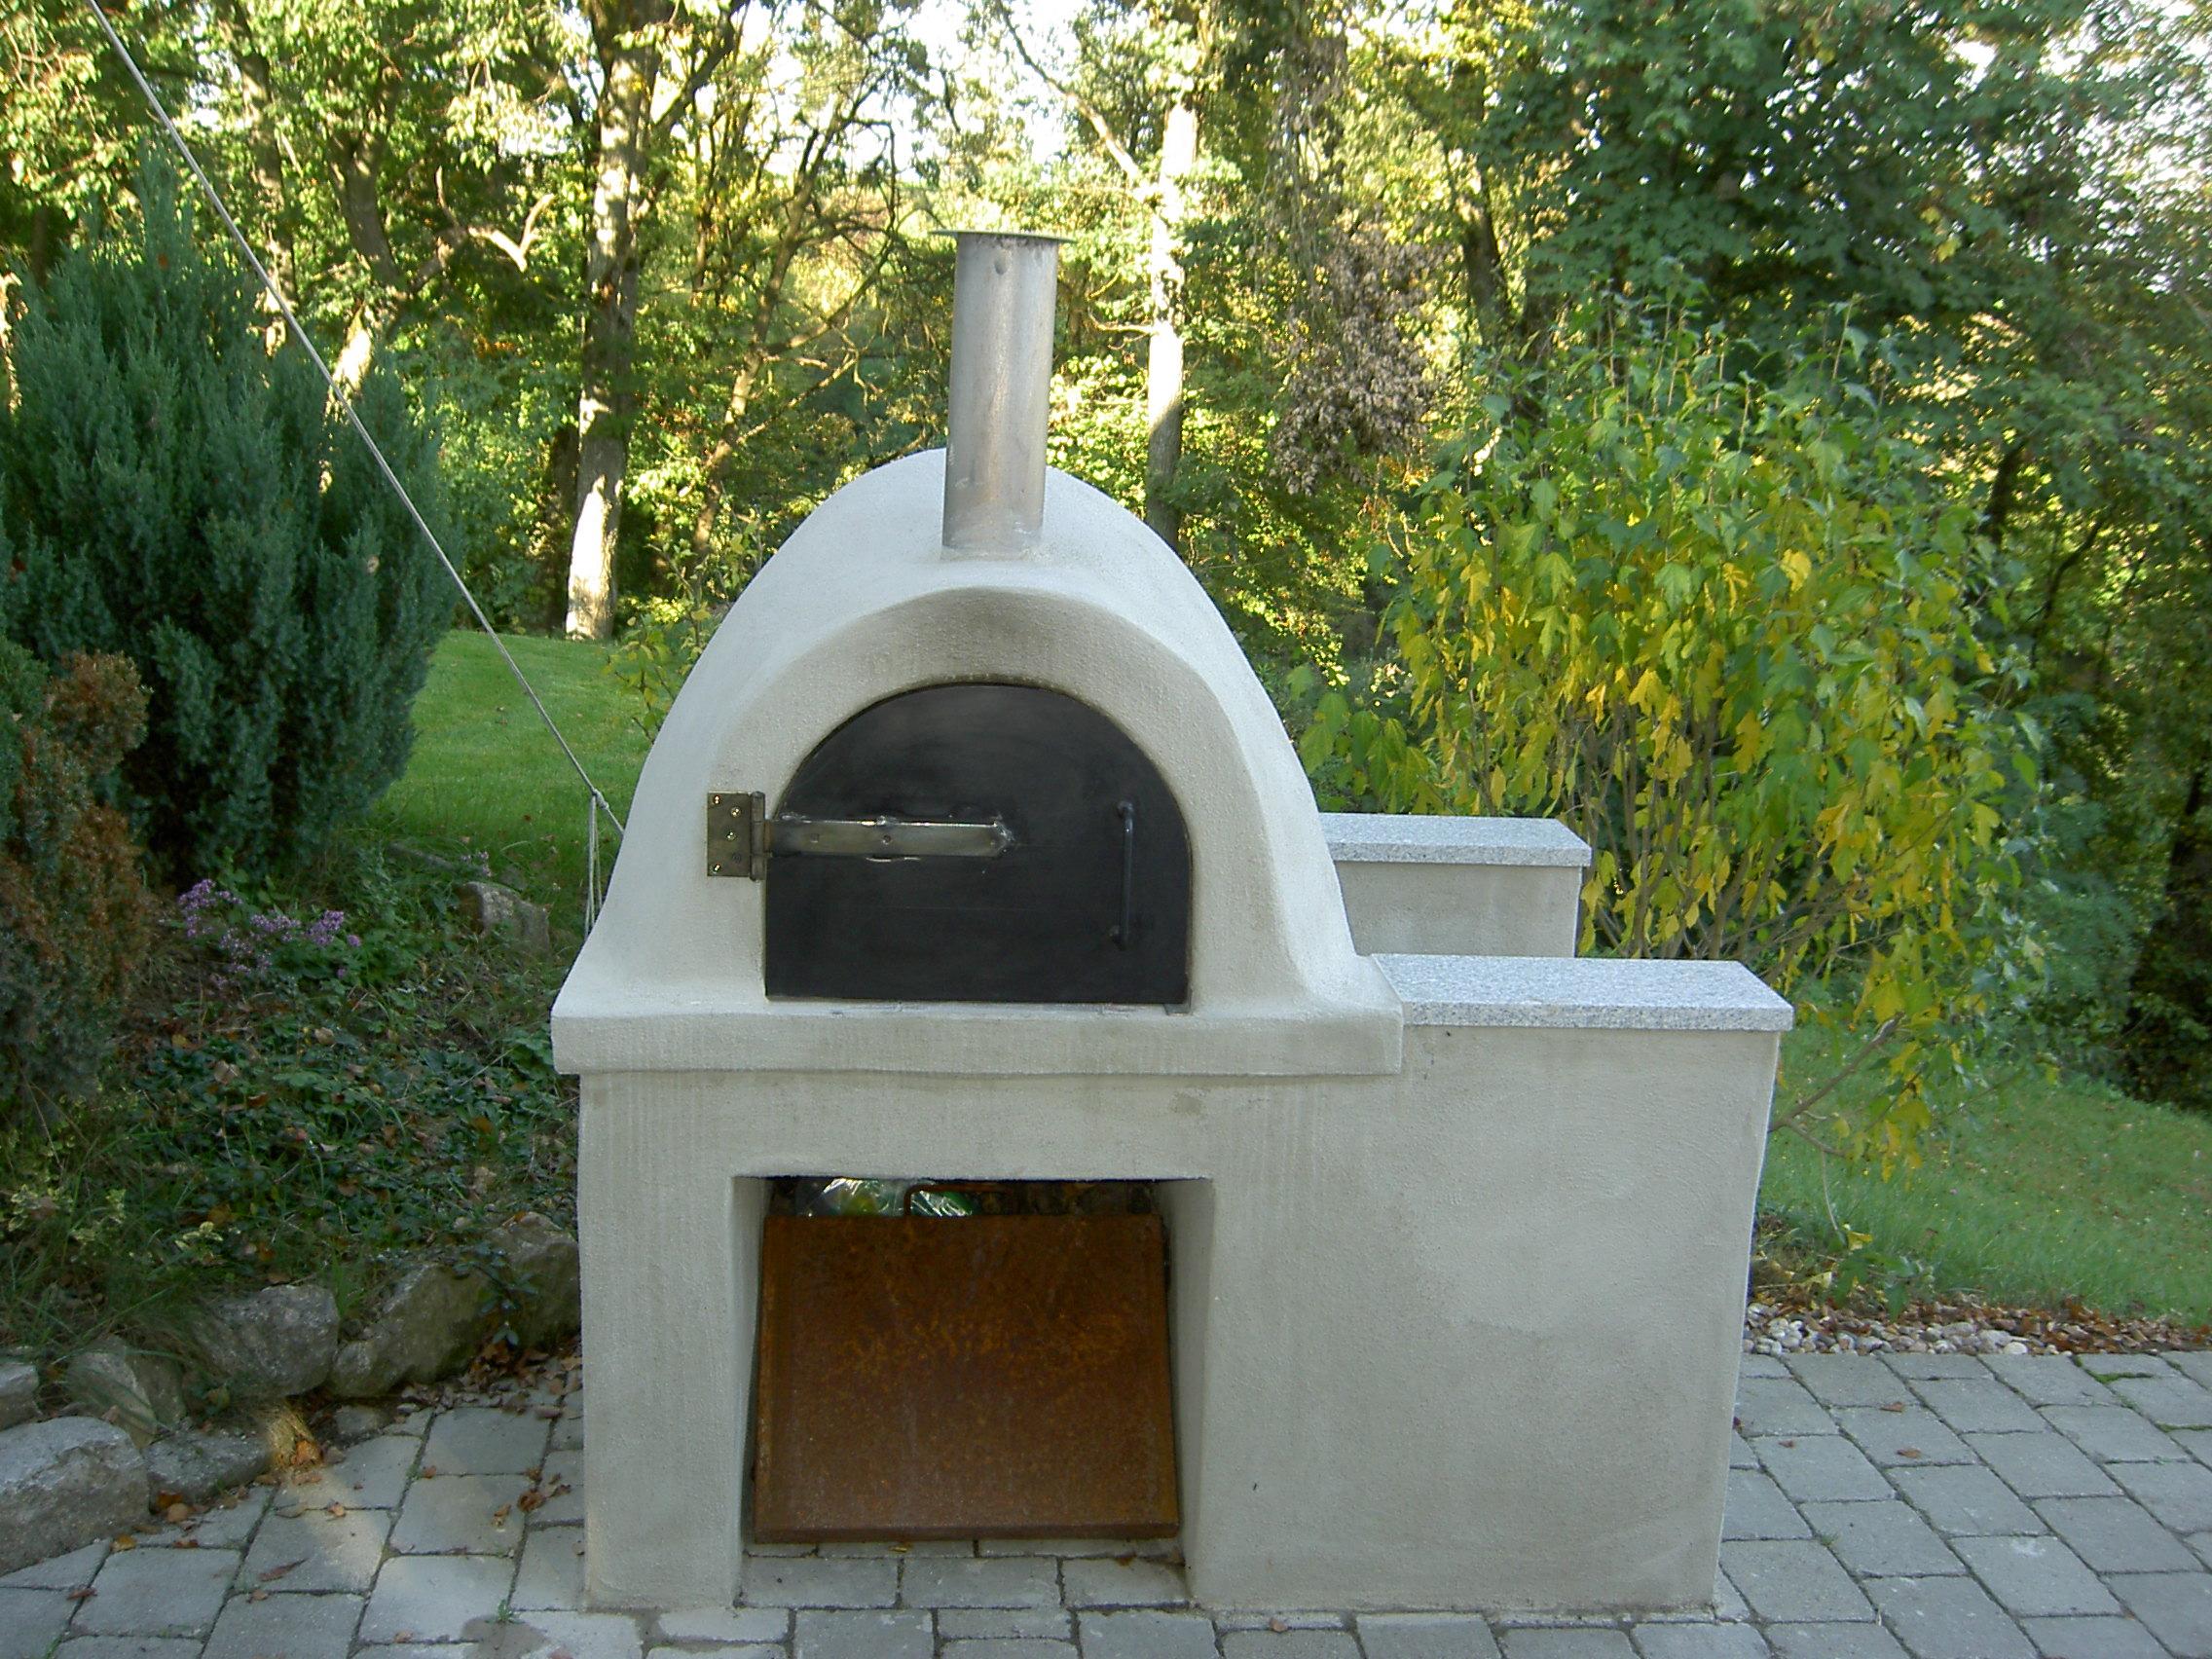 Pizzaofen garten die neuesten innenarchitekturideen - Pizzaofen fur den garten ...